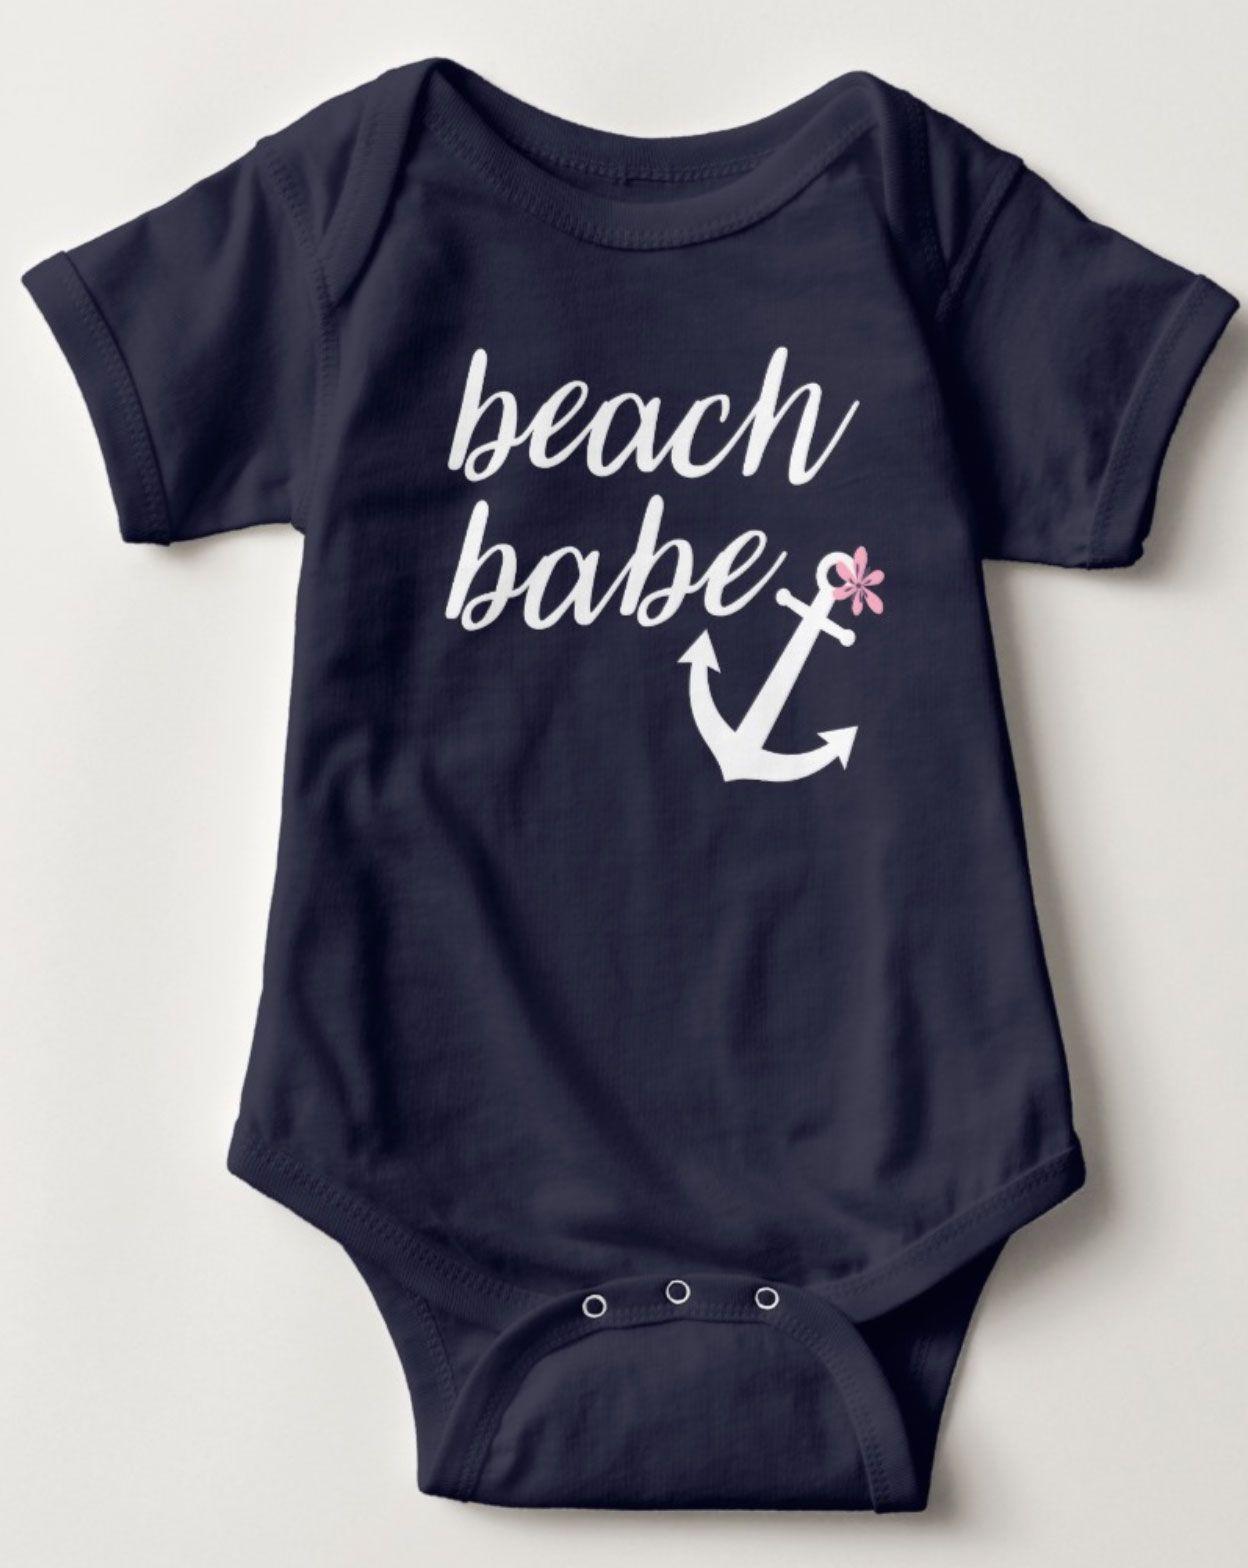 e06c1b18351d beach babe